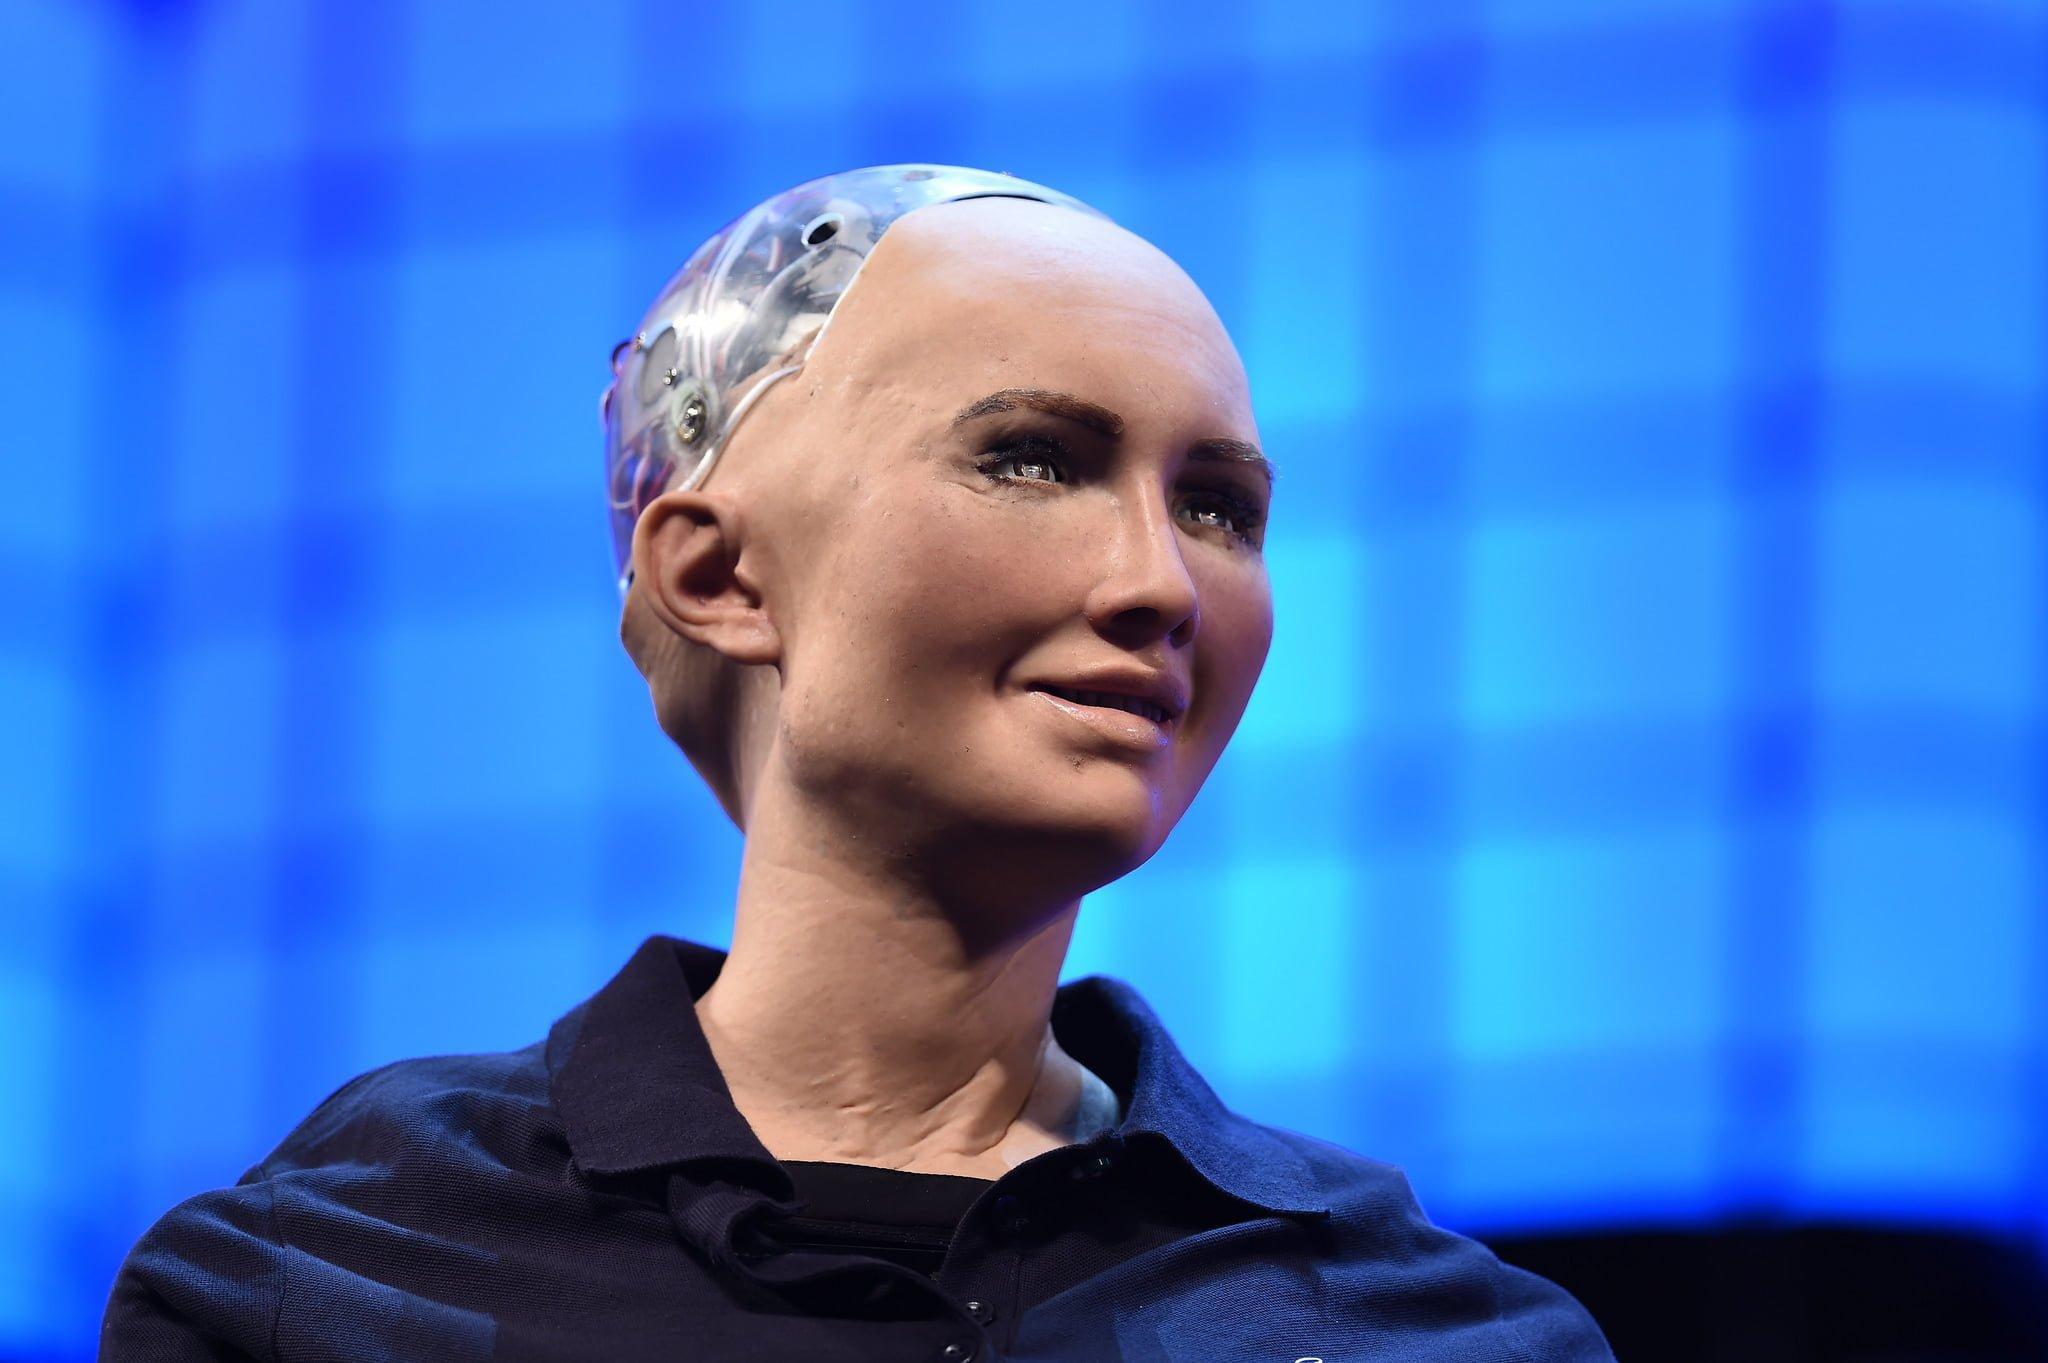 Robotların Yükselişi [Bigumigu'da 2017]